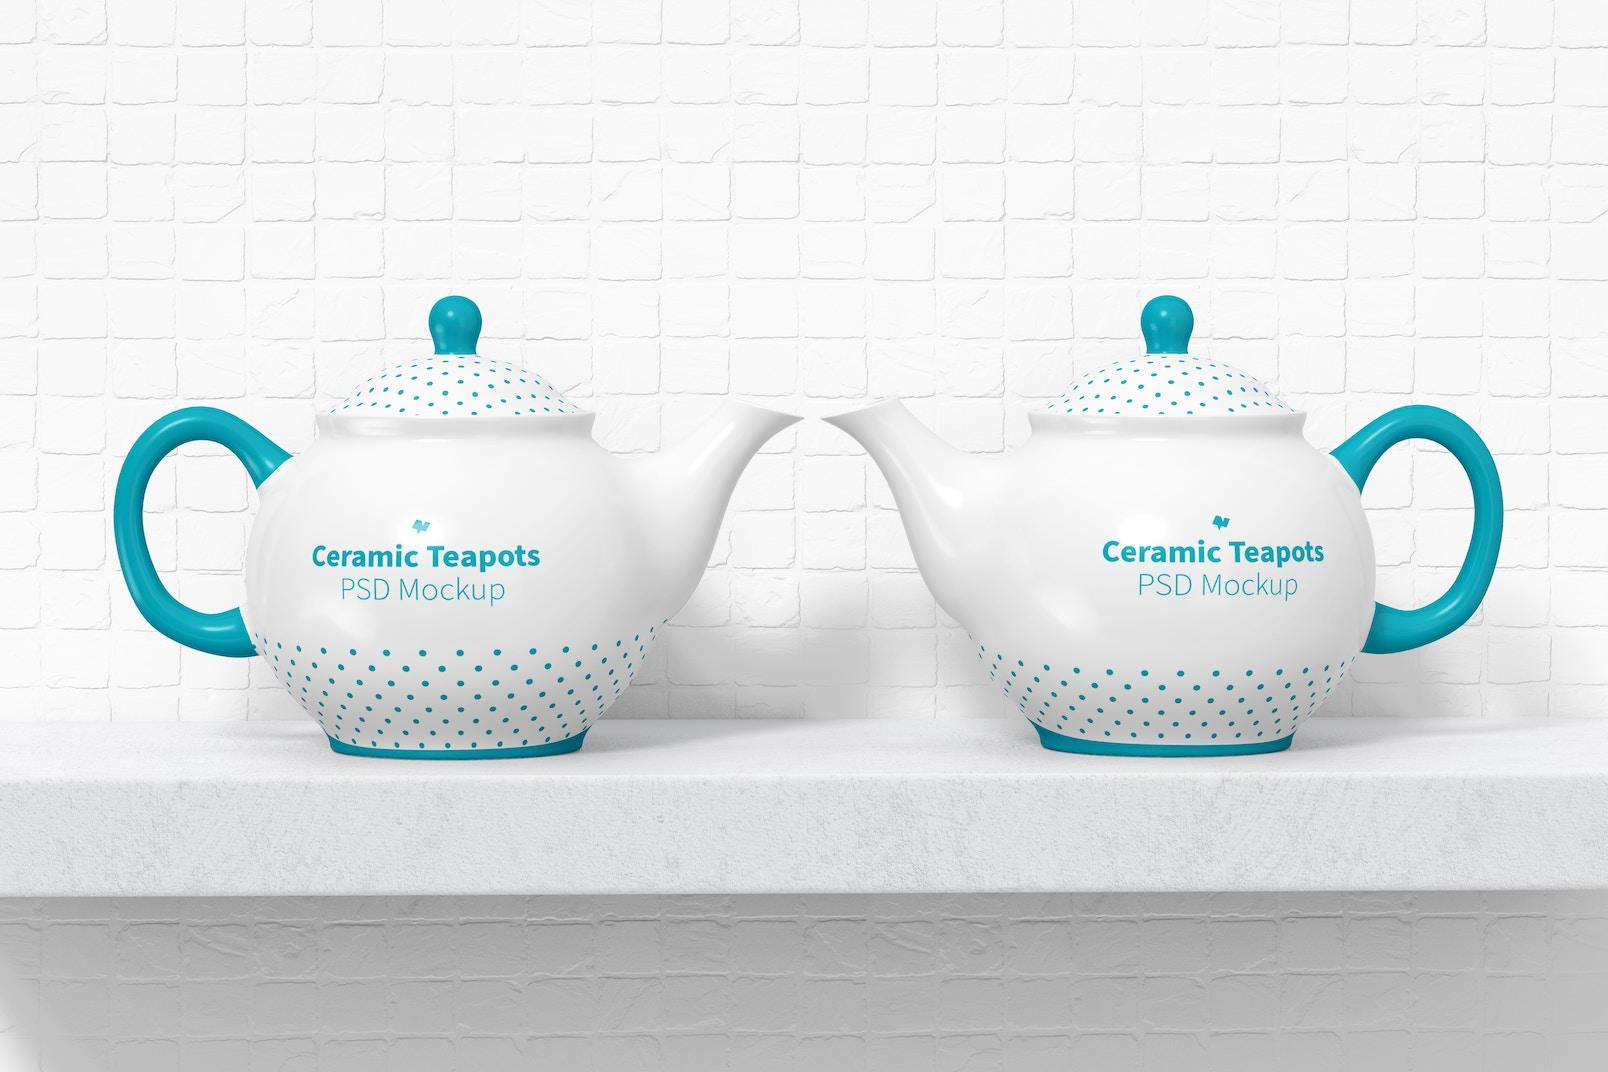 Ceramic Teapots Mockup